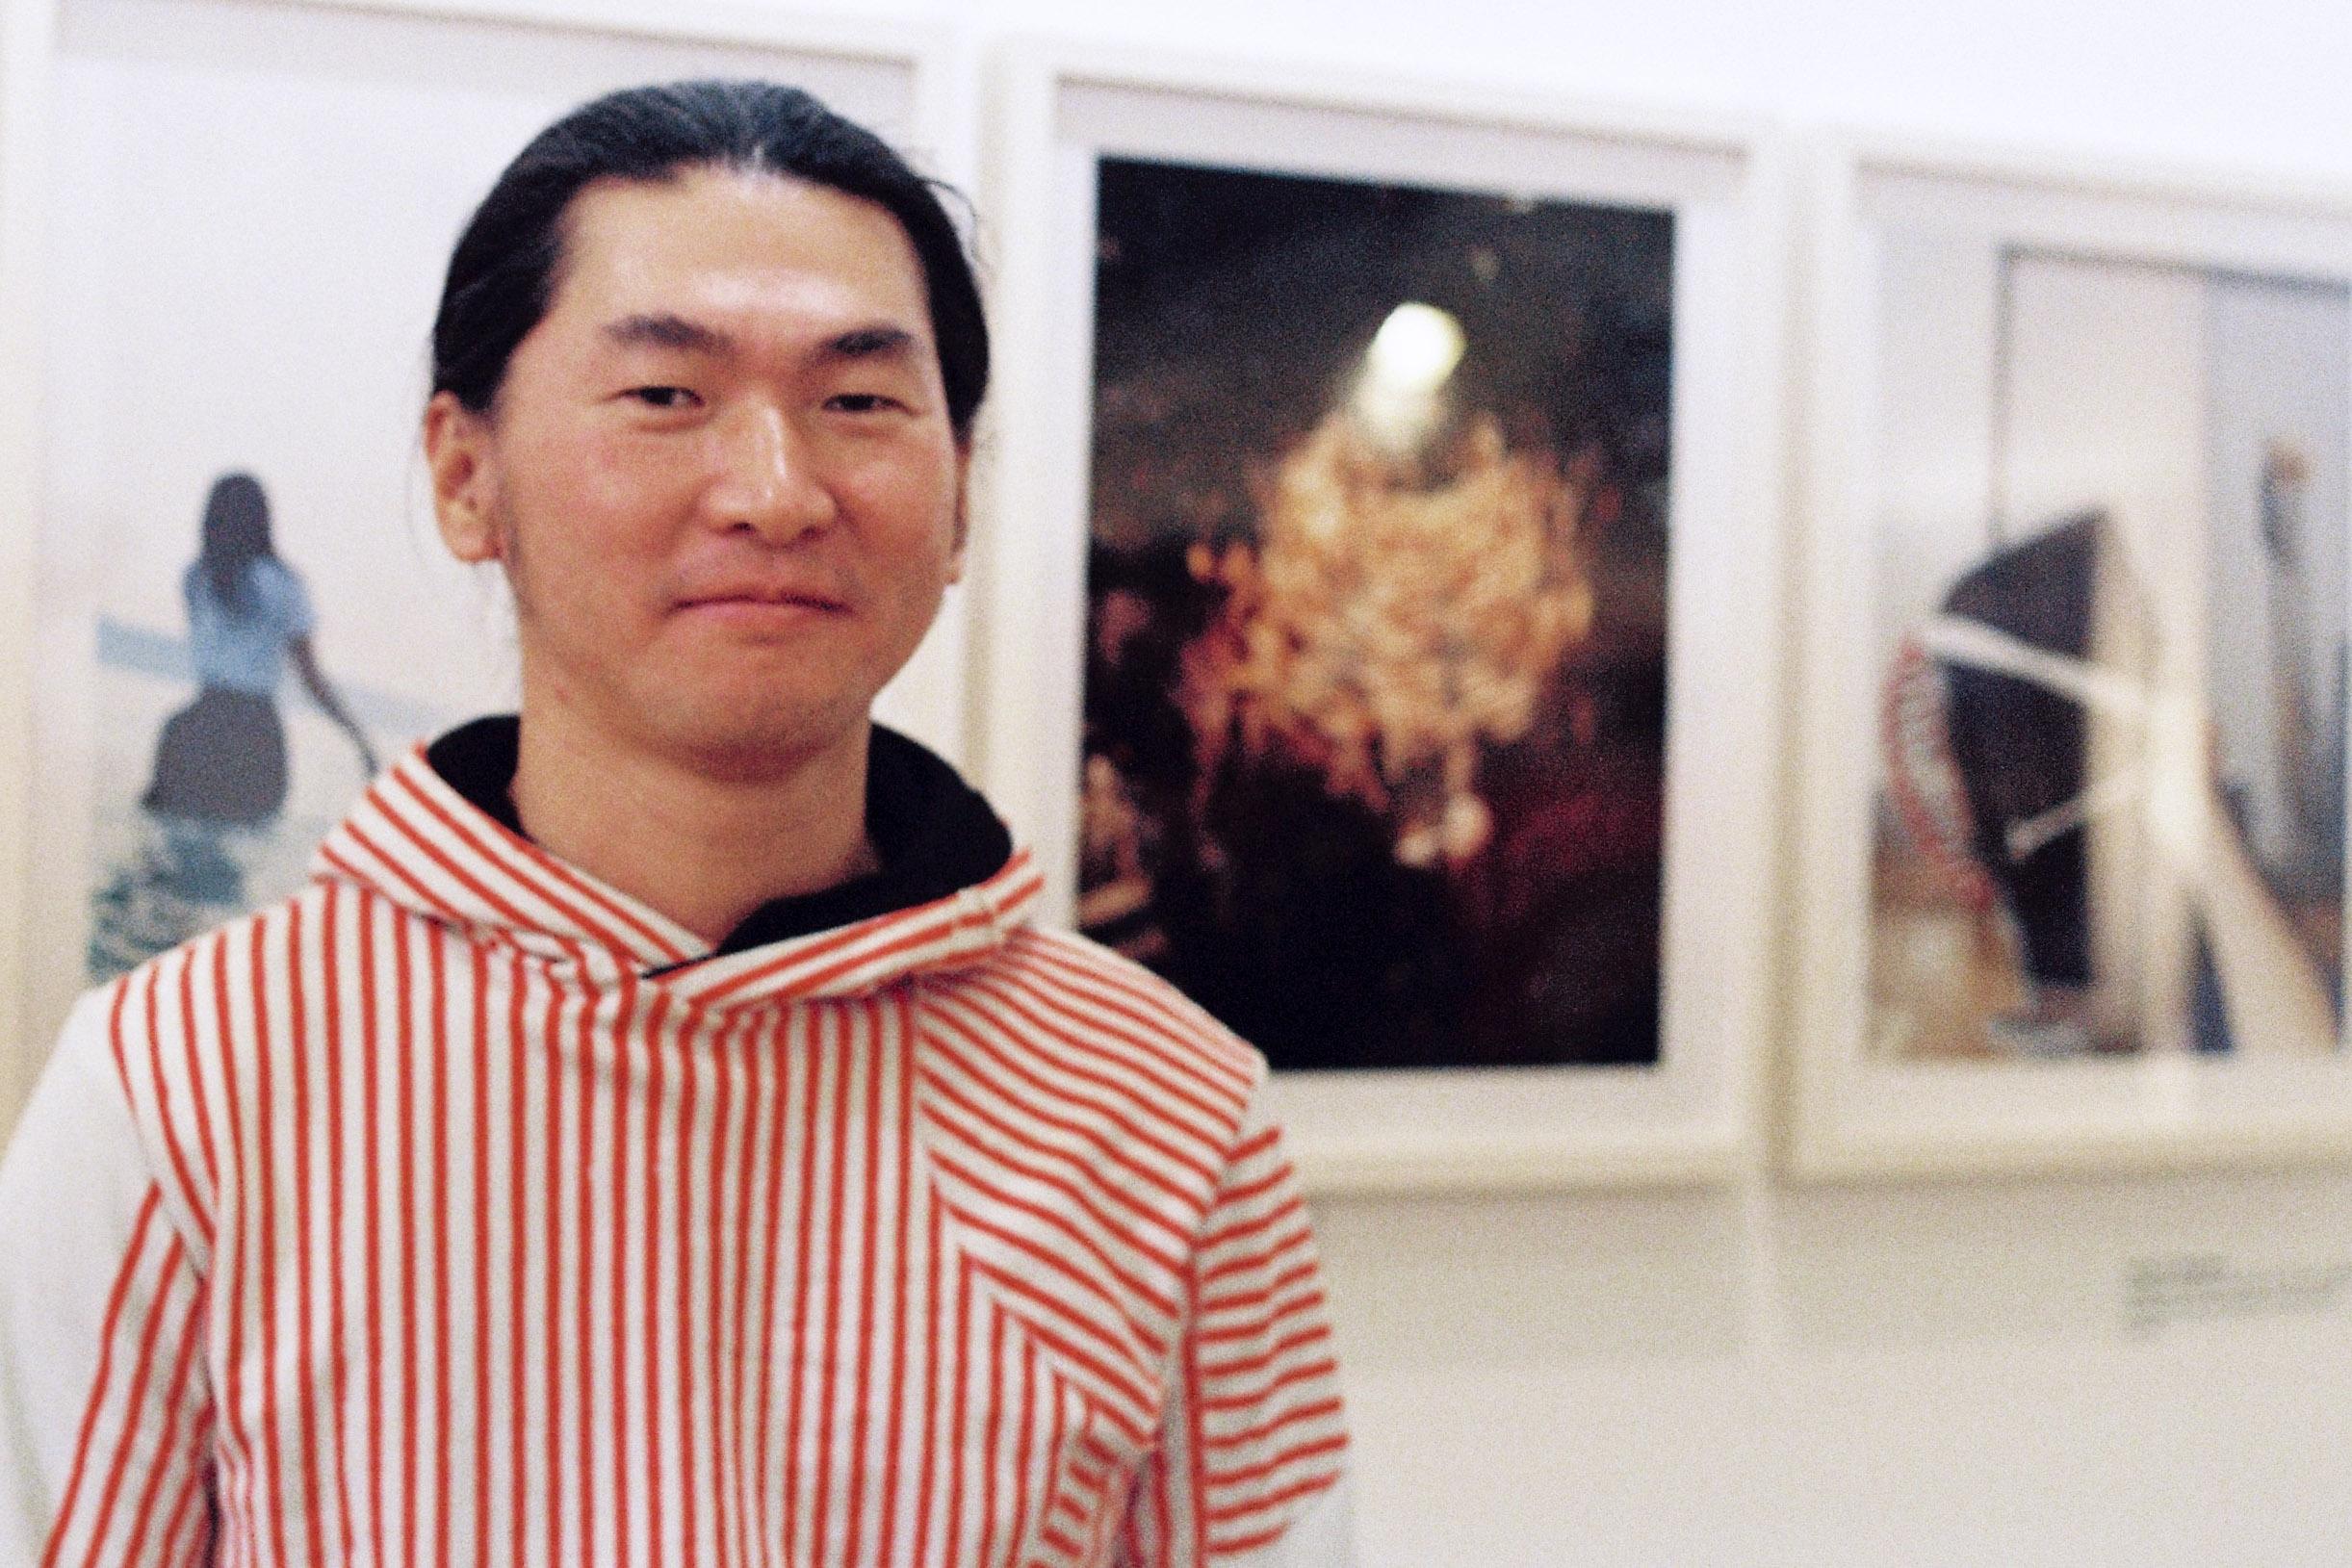 Image of Yoichi Nagano from Wikidata